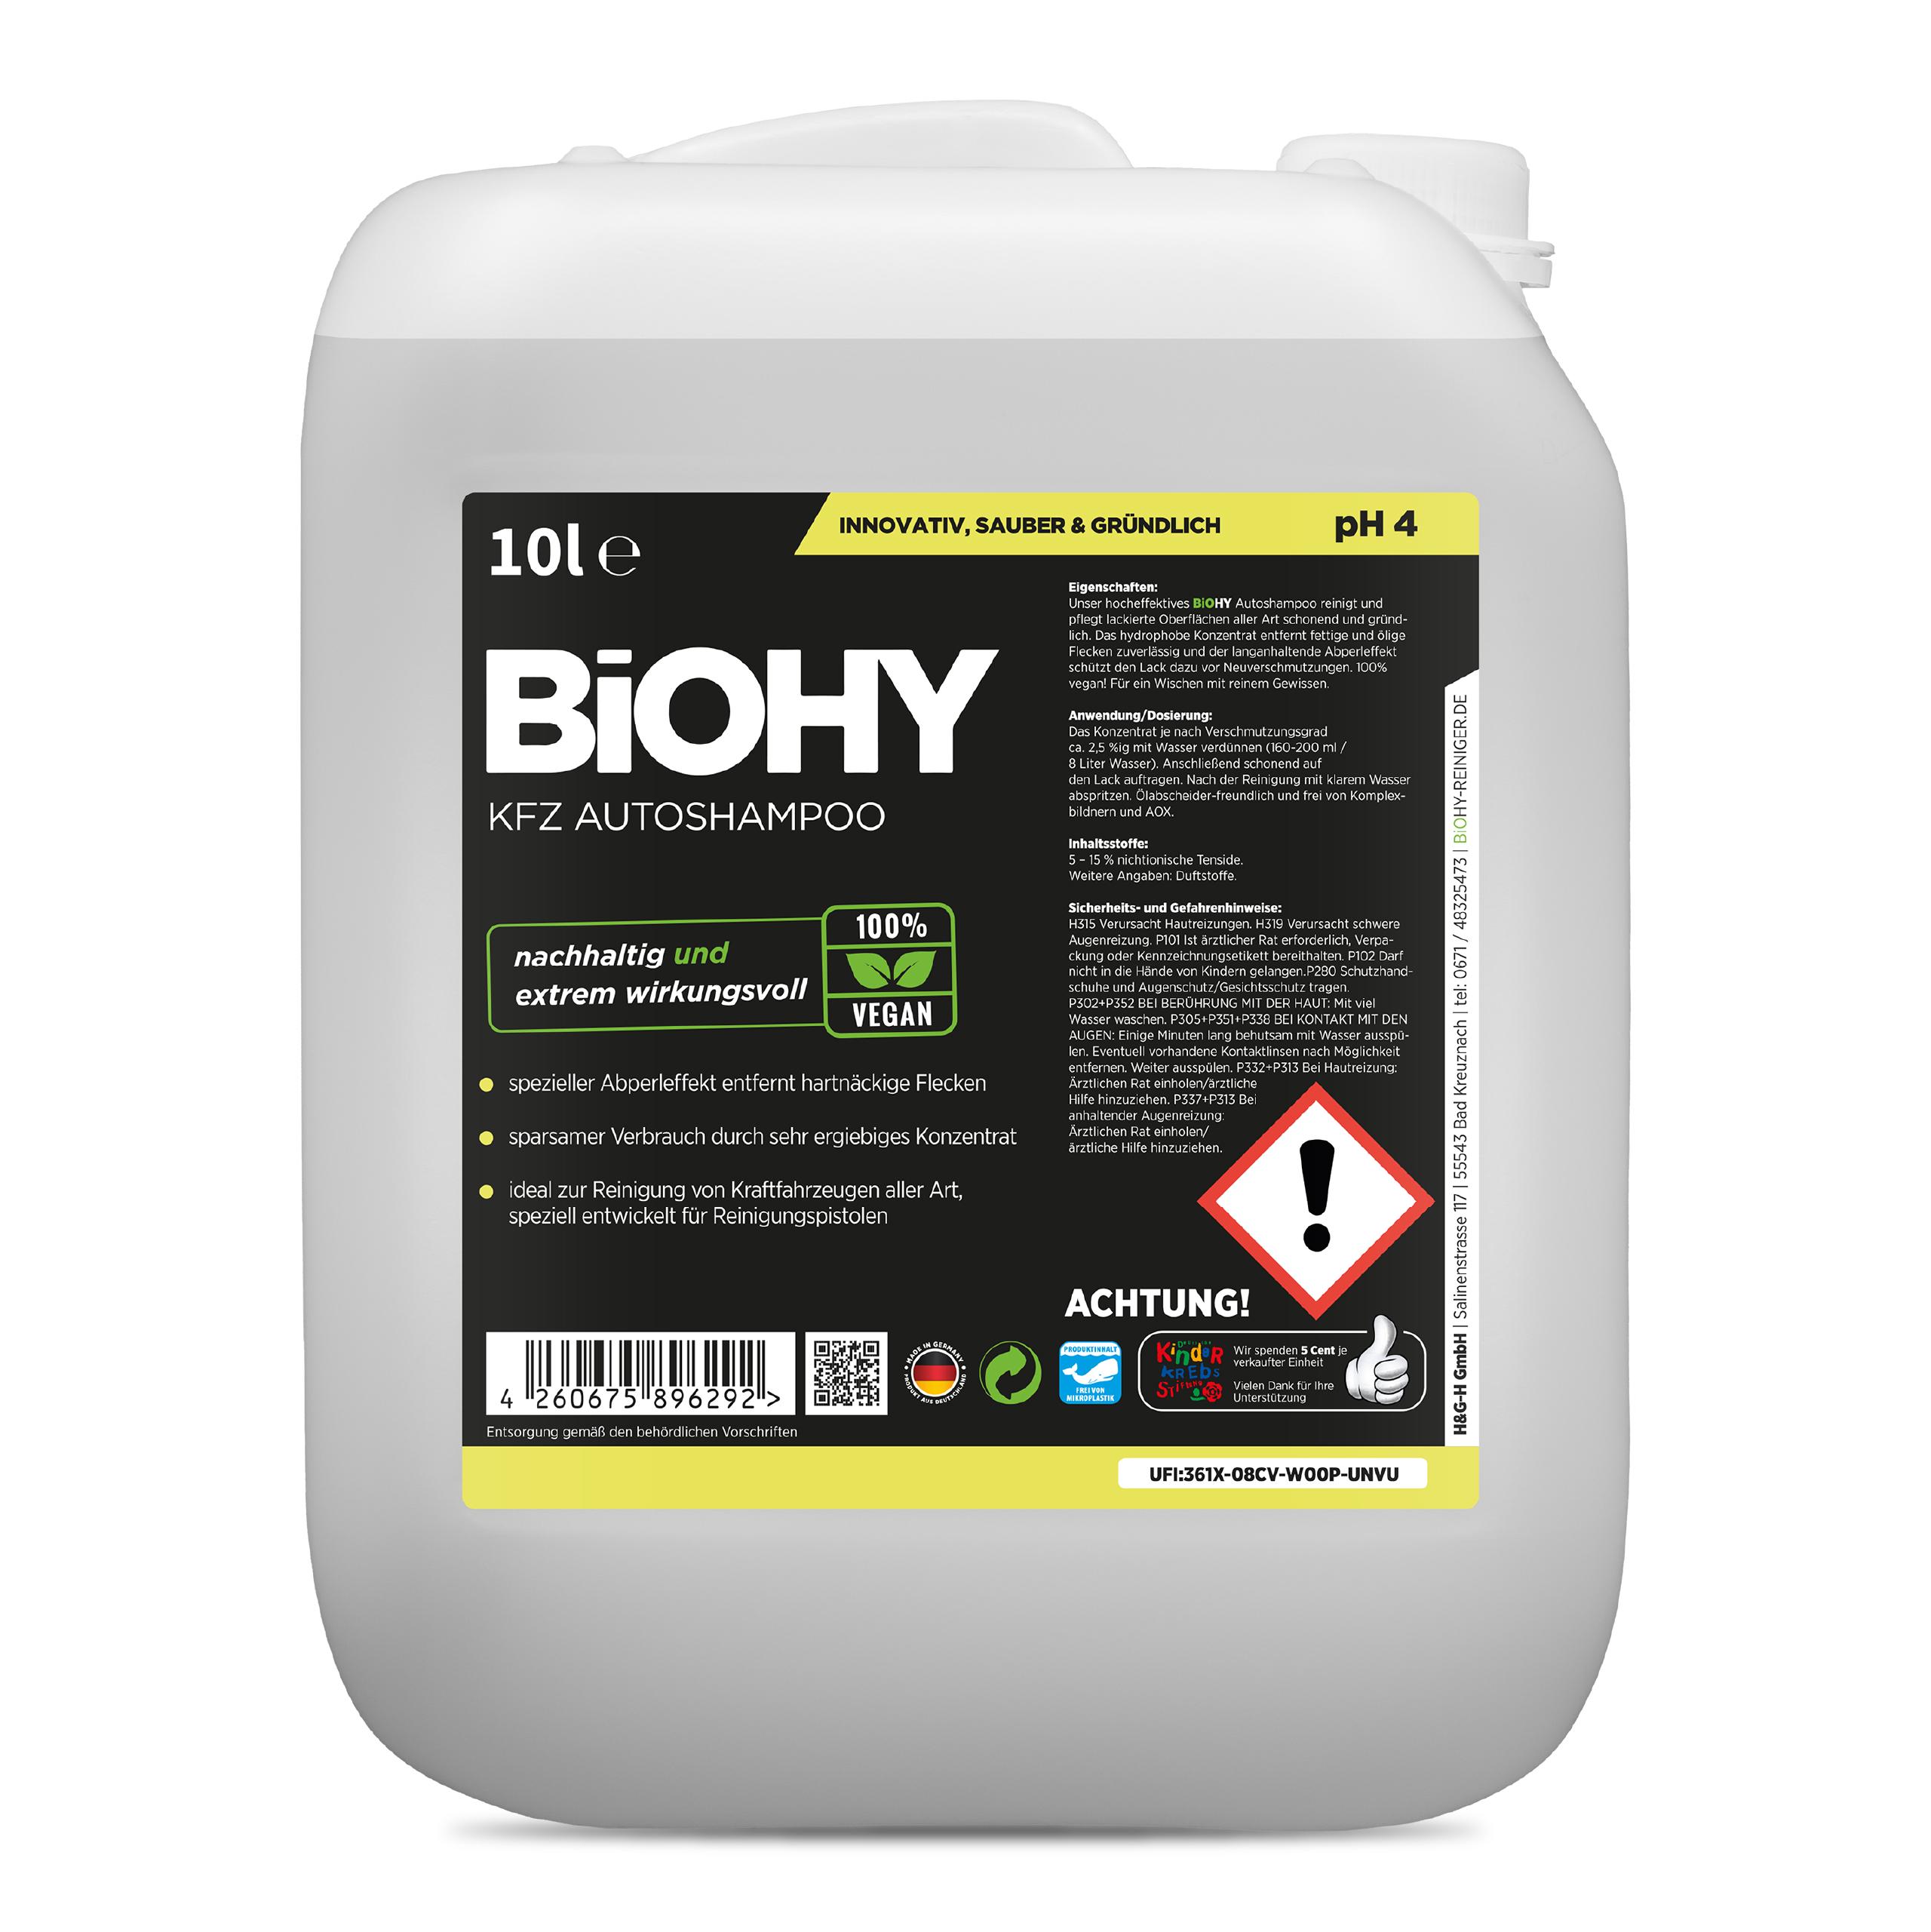 BiOHY KFZ Autoshampoo 10 Liter, Autoshampoo, Autoreiniger